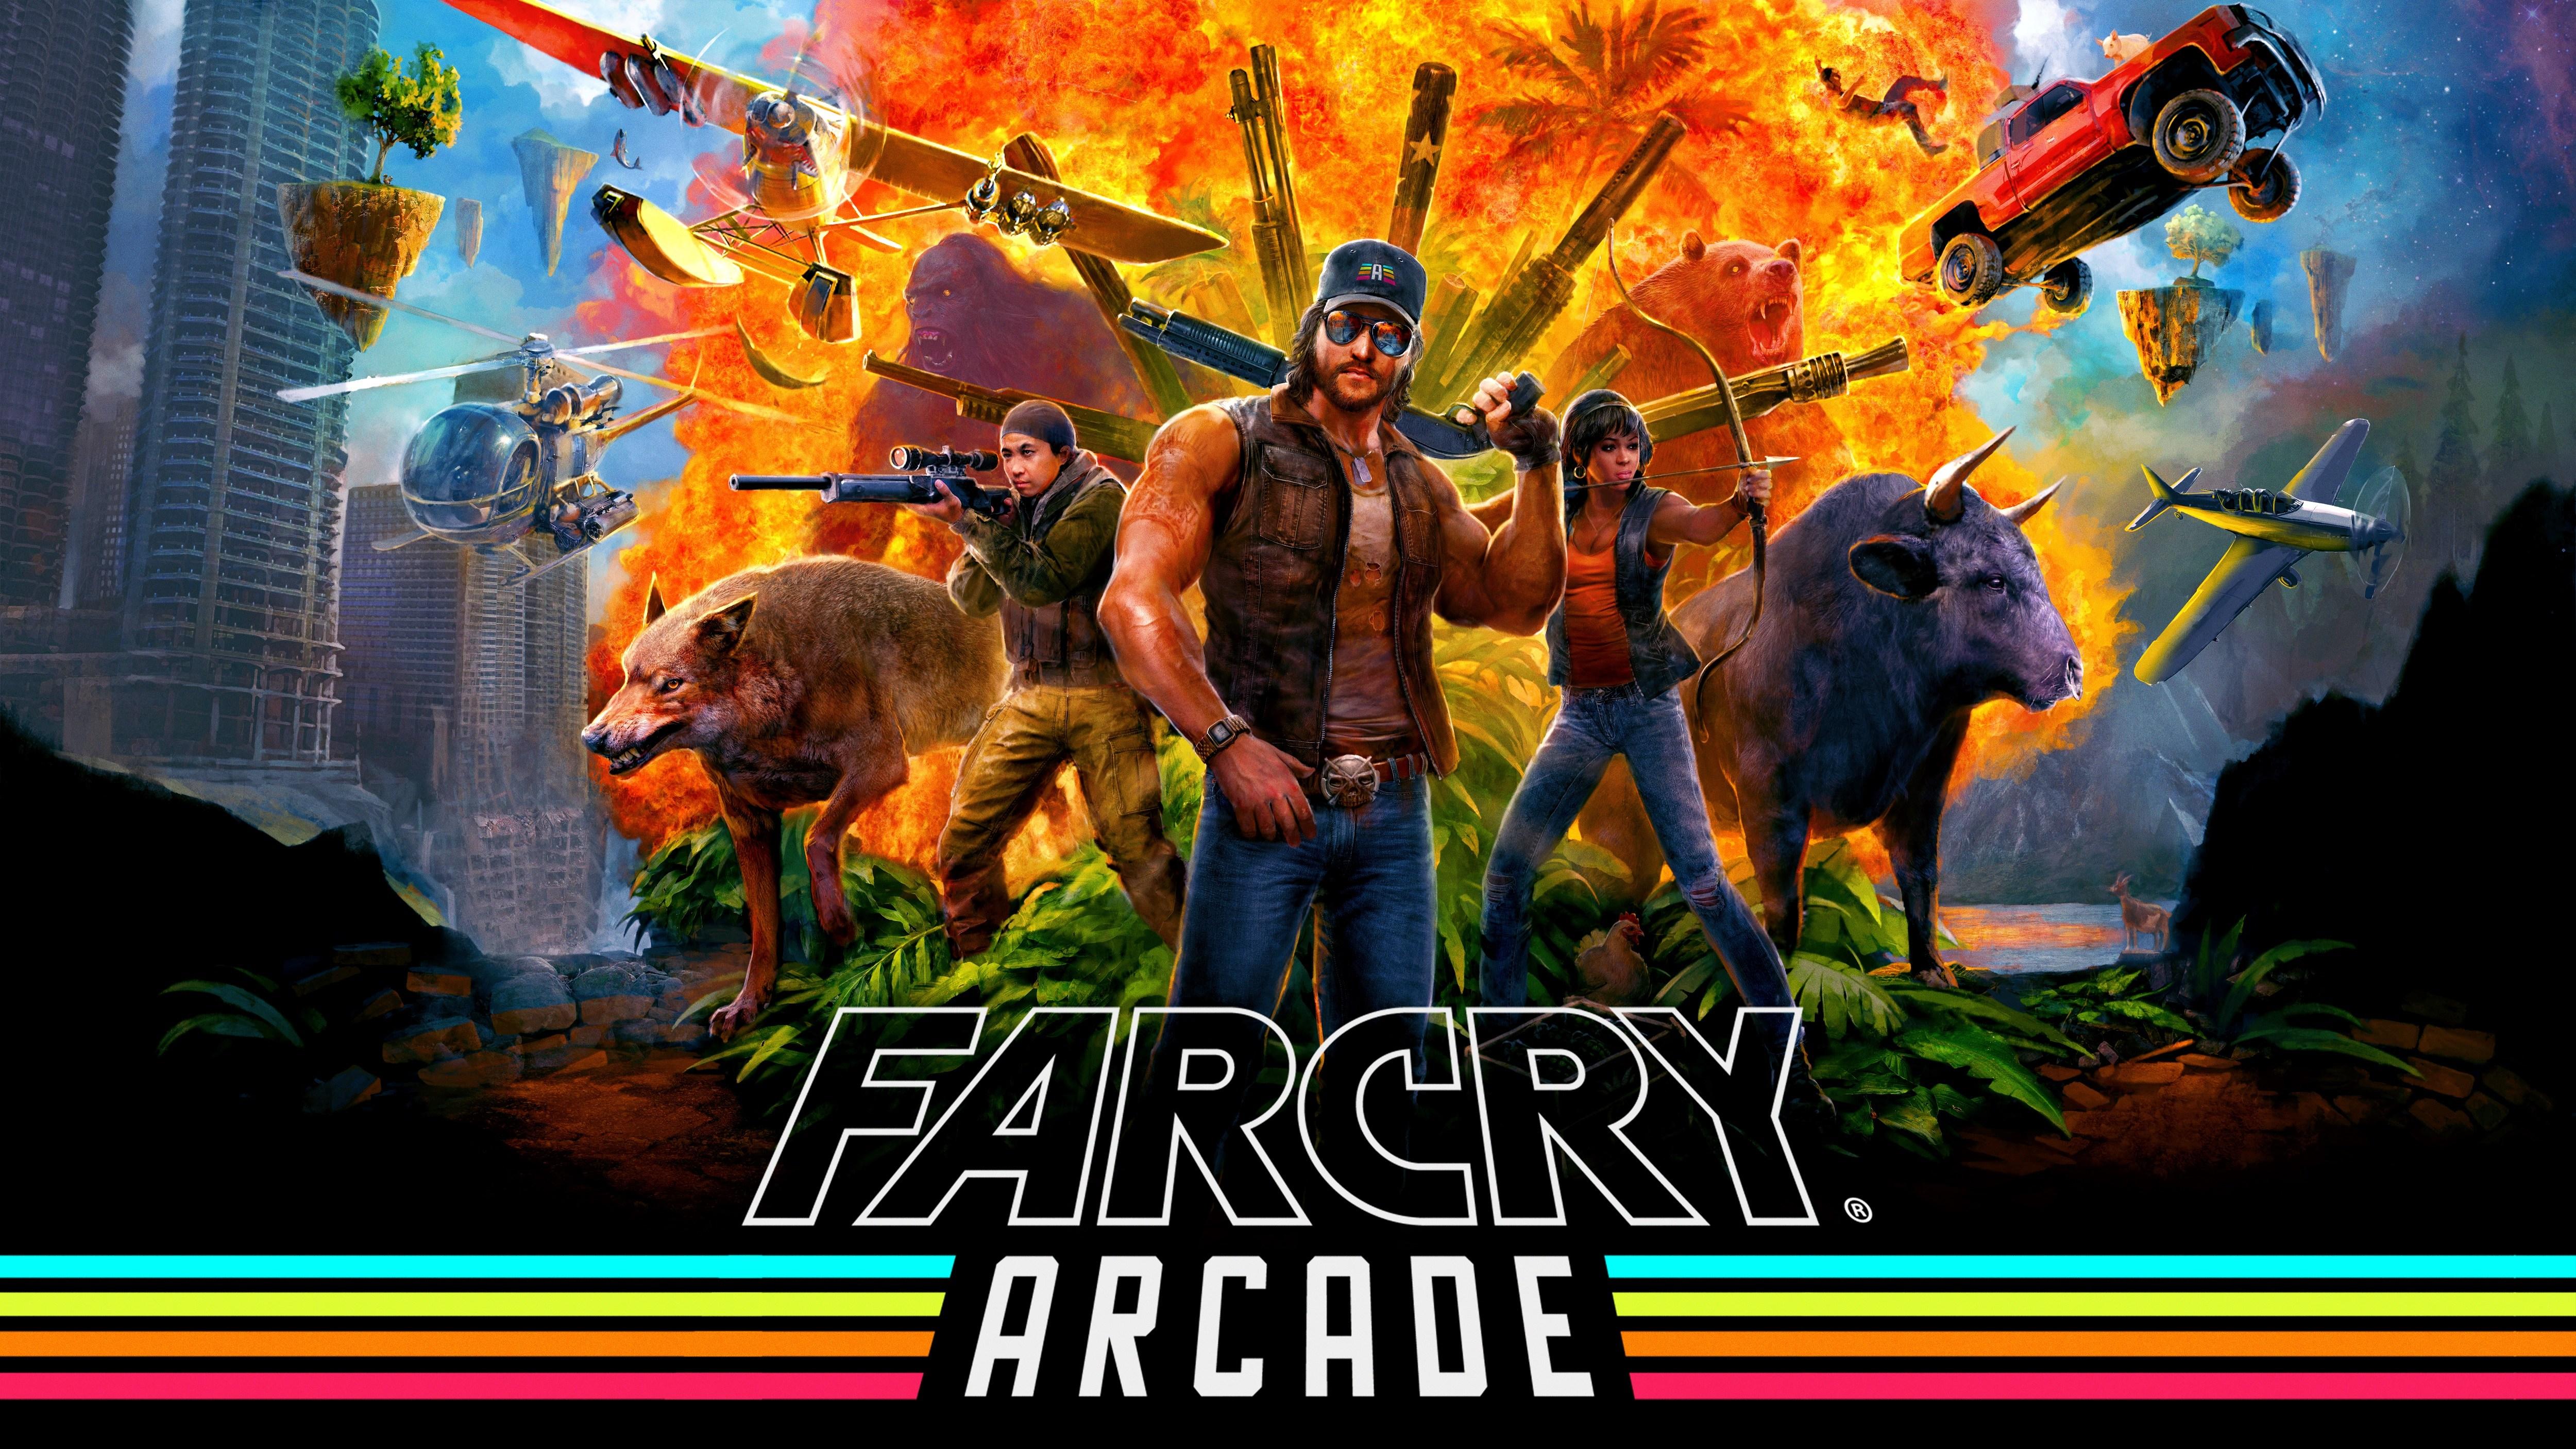 1920x1080 Far Cry 5 Arcade 2018 Laptop Full Hd 1080p Hd 4k